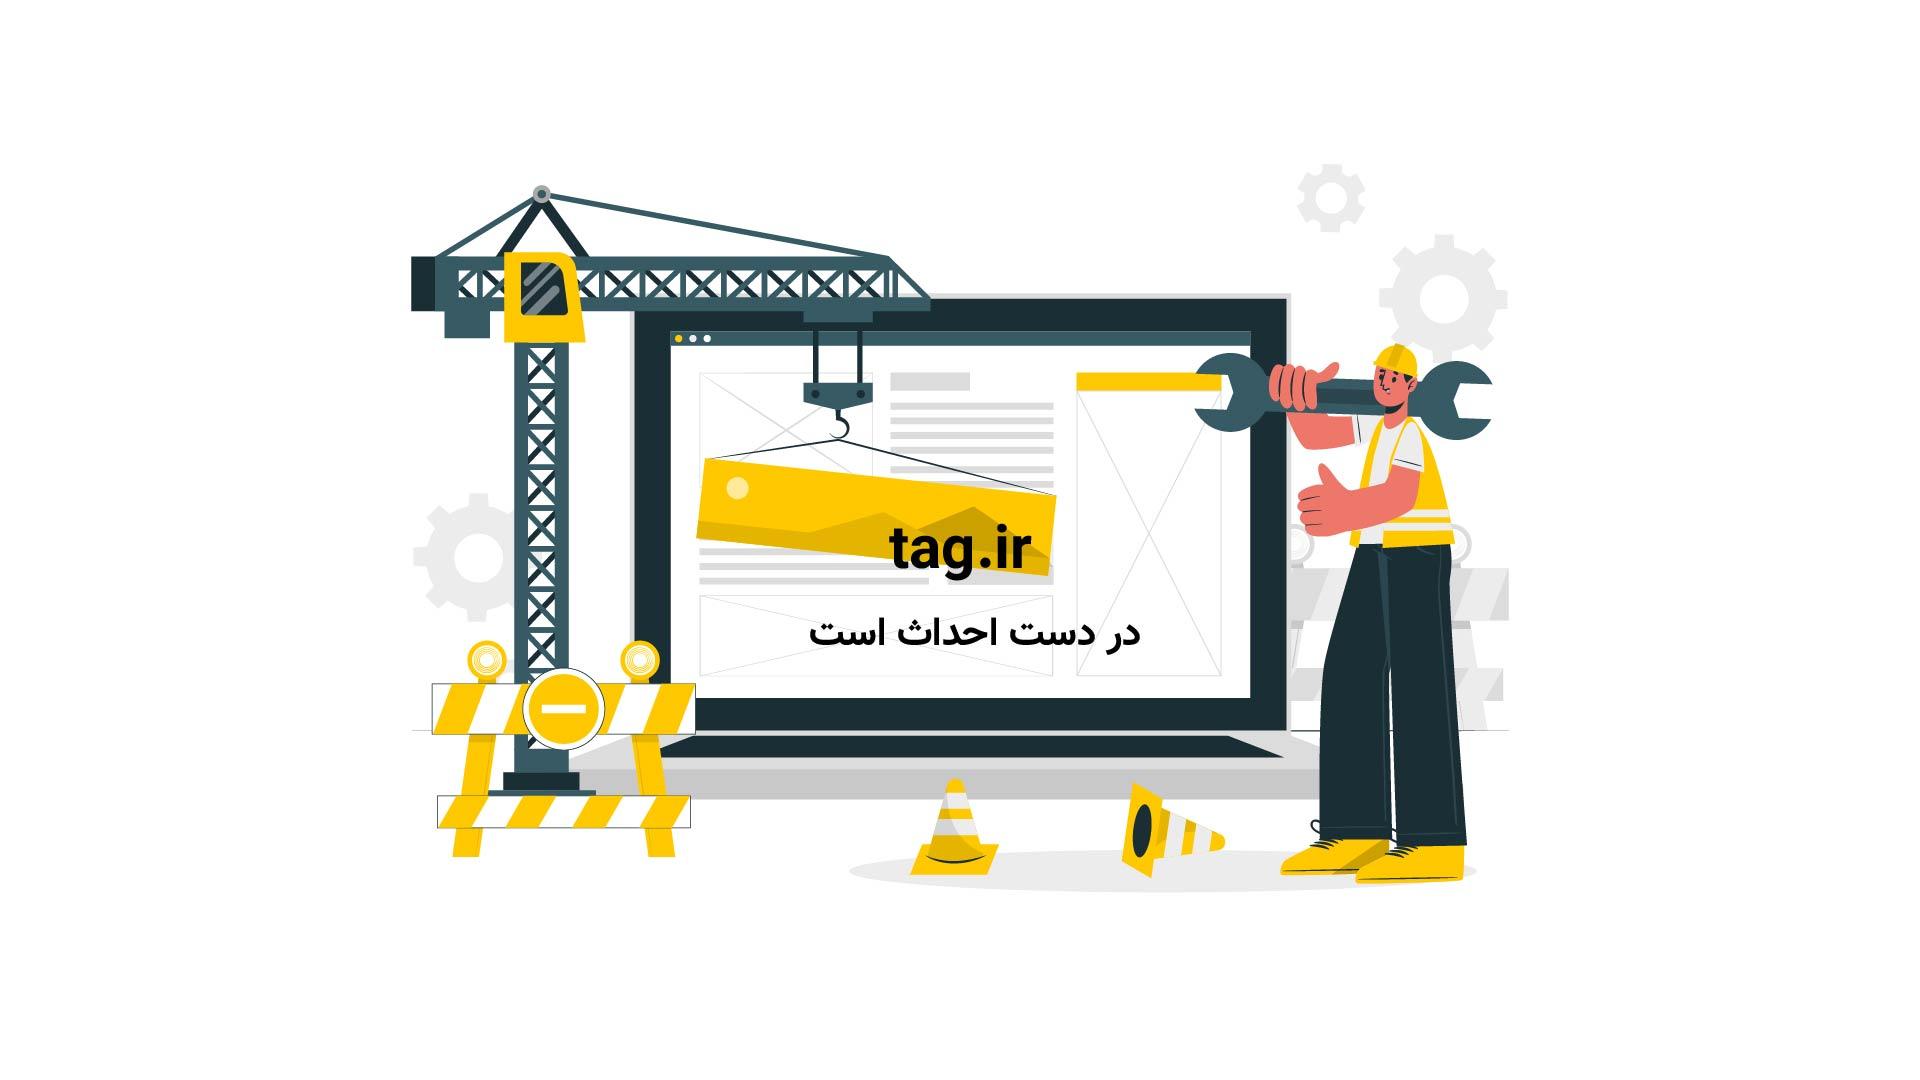 حمله موشکی سپاه ایران | تگ